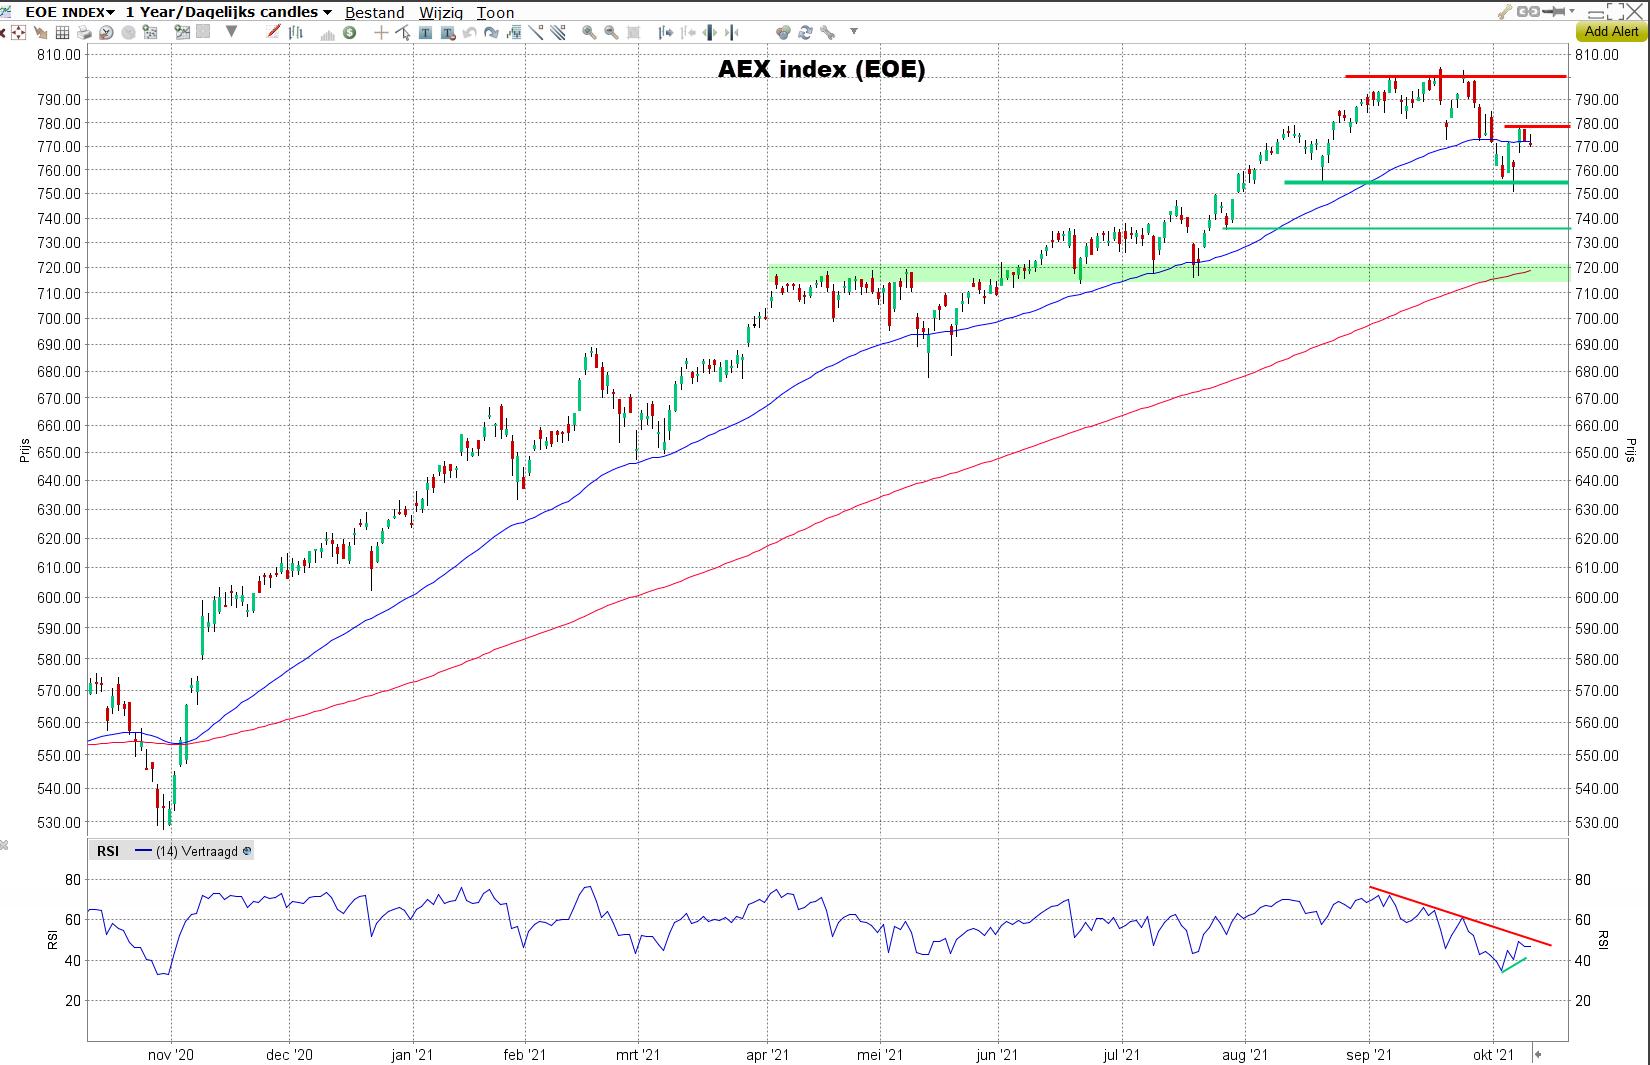 AEX index (EOE)